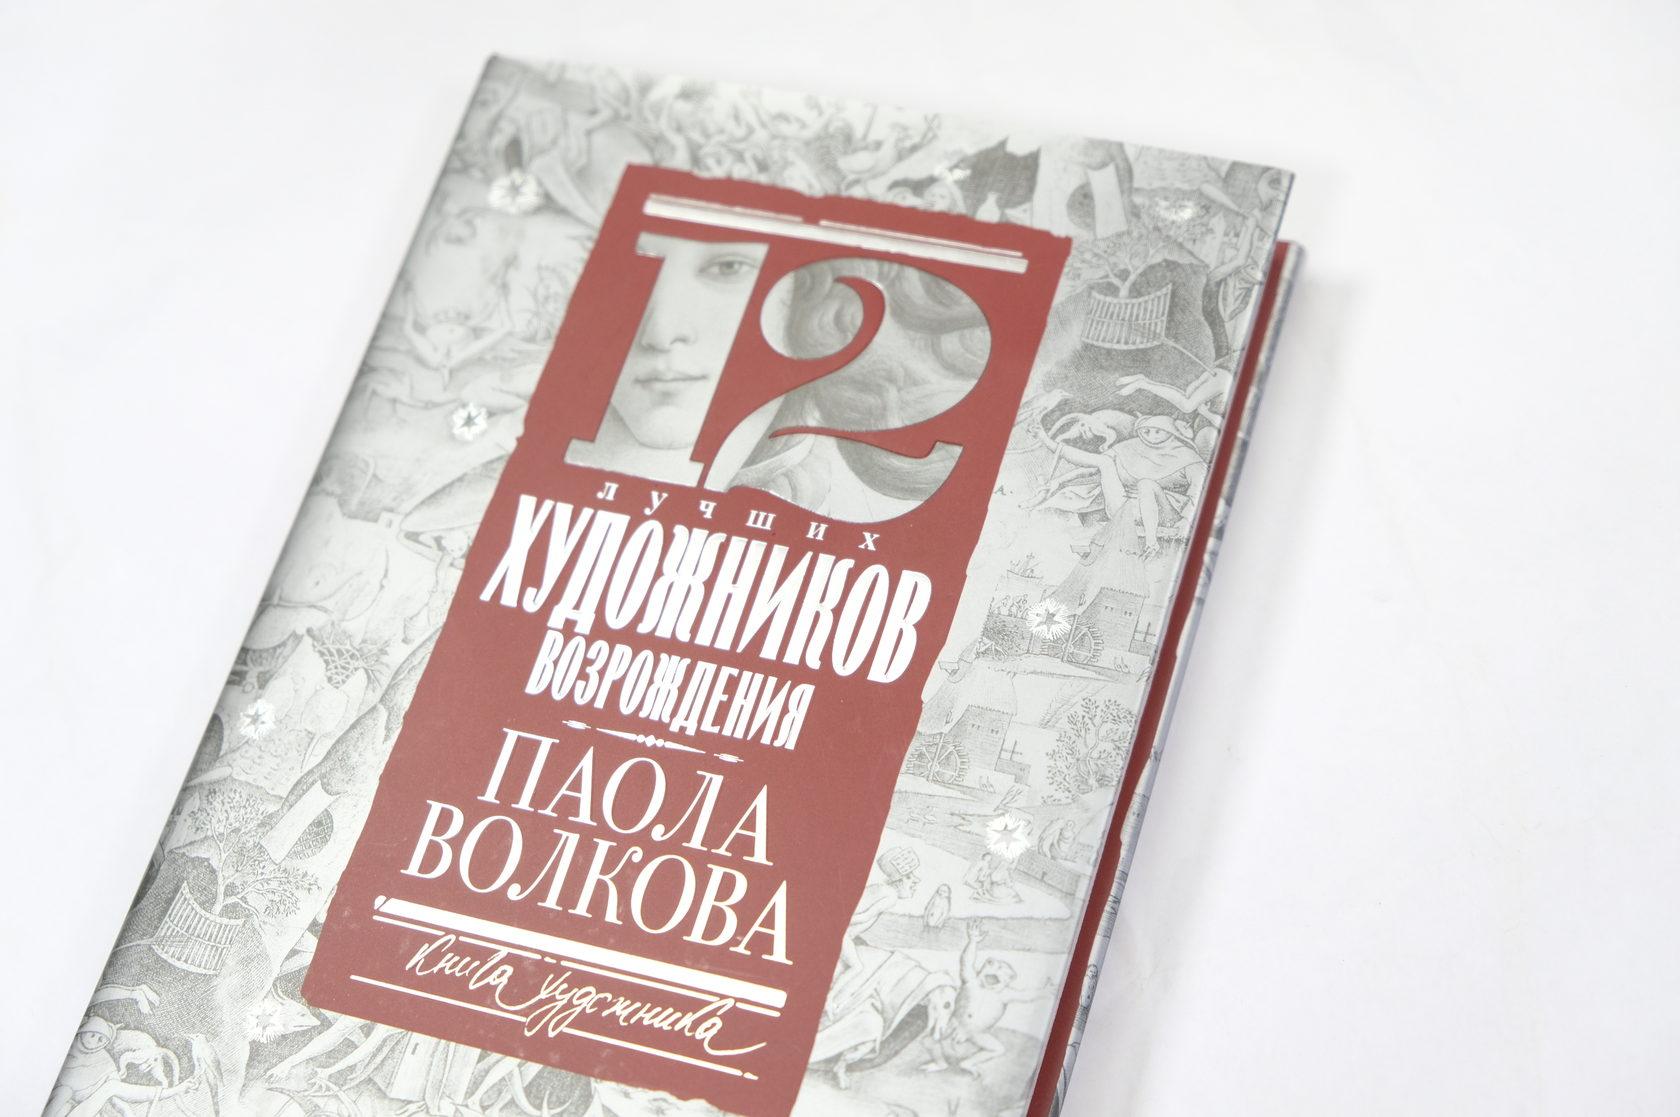 «12 лучших художников Возрождения» Паола Волкова